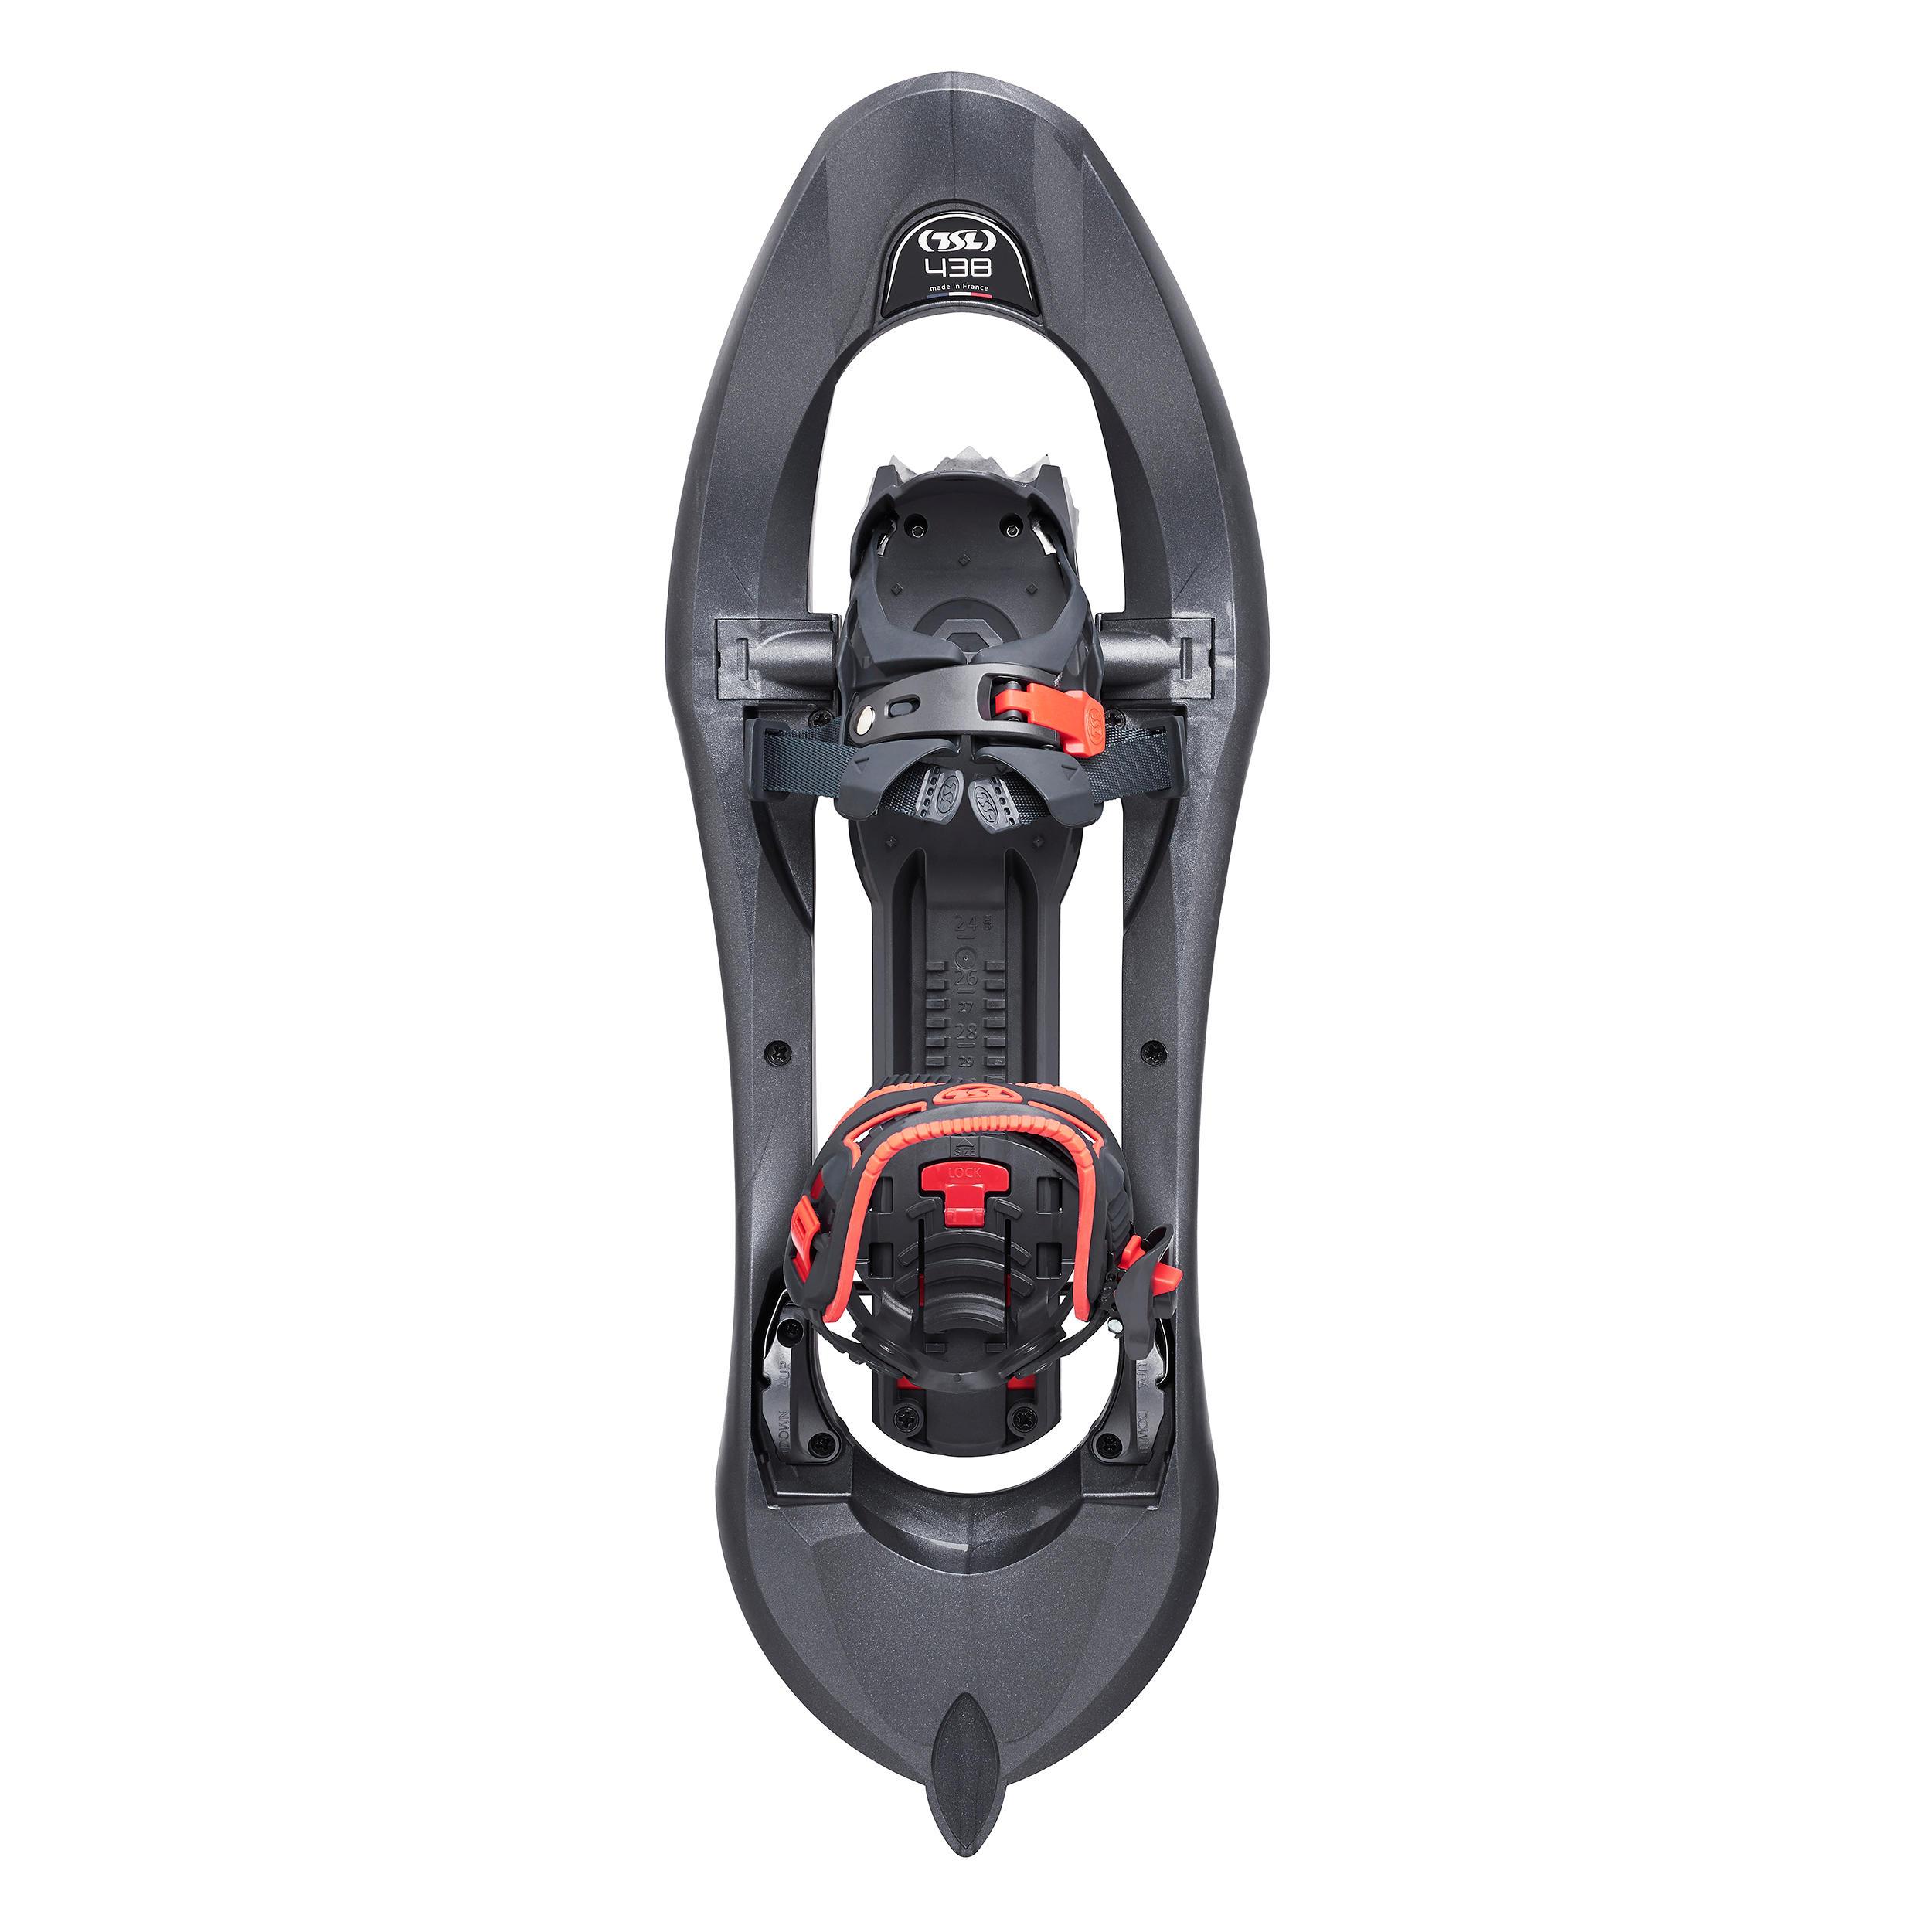 Schneeschuhe TSL 438 Up & Down Grip großer Rahmen grau | Schuhe > Sportschuhe > Schneeschuhe | TSL